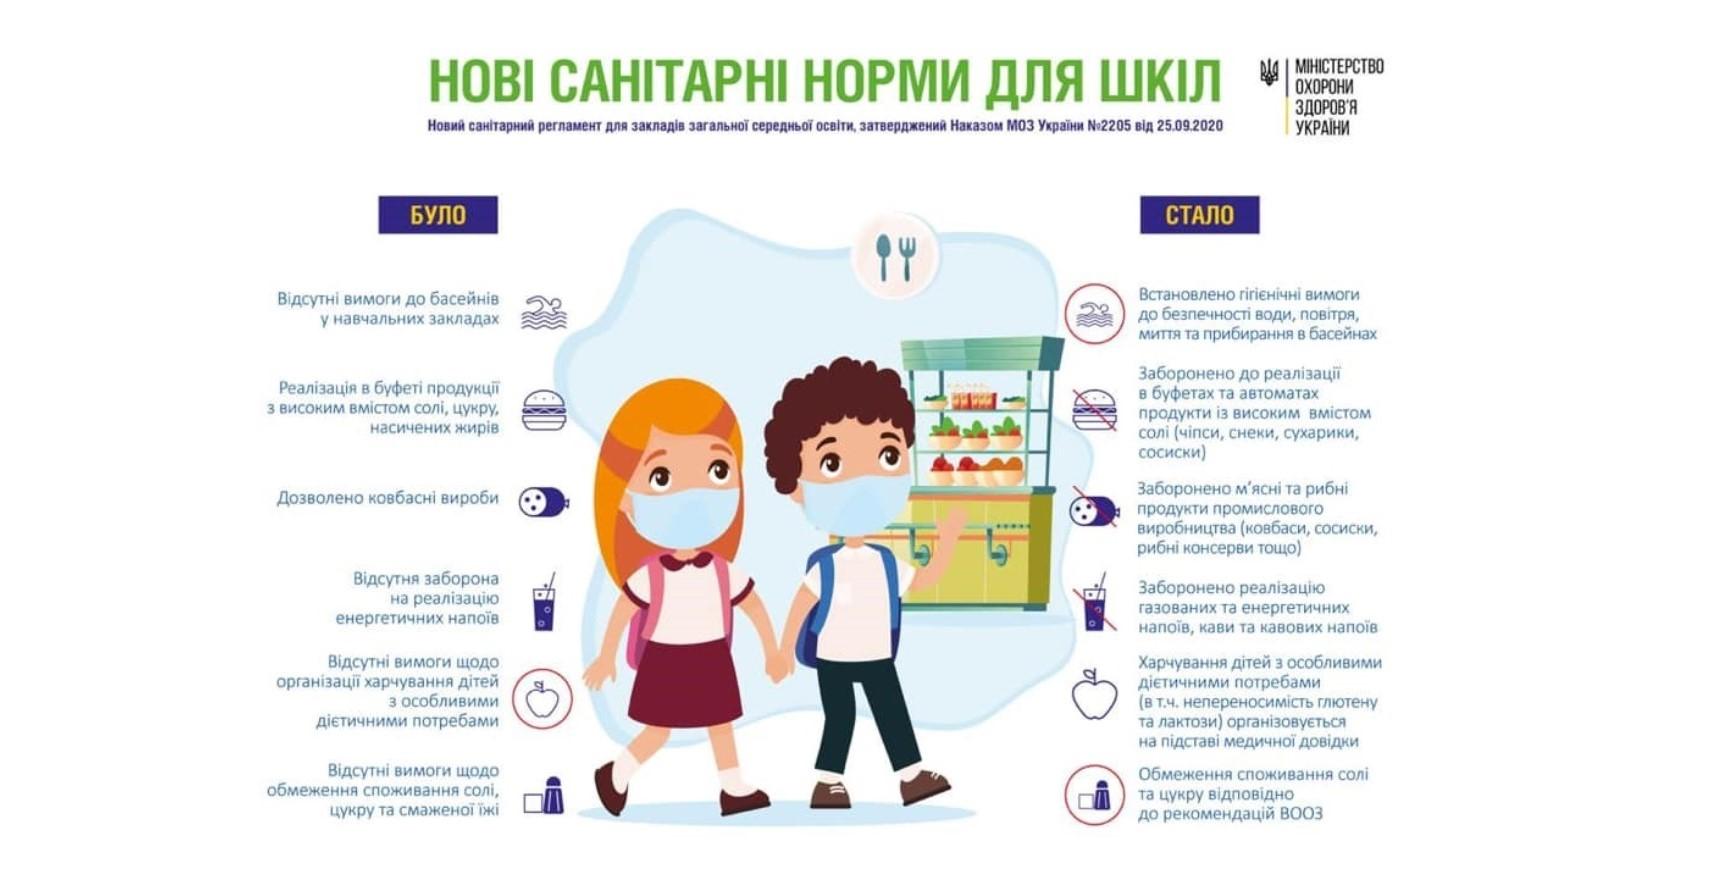 Не менше 3-х порцій молочних продуктів на день – нові вимоги до харчування в школі